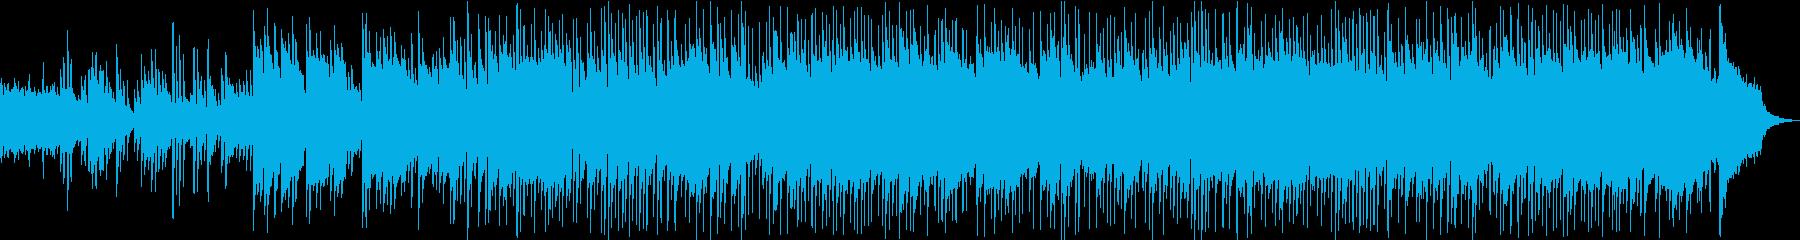 リラックスできるピアノメインのBGMの再生済みの波形